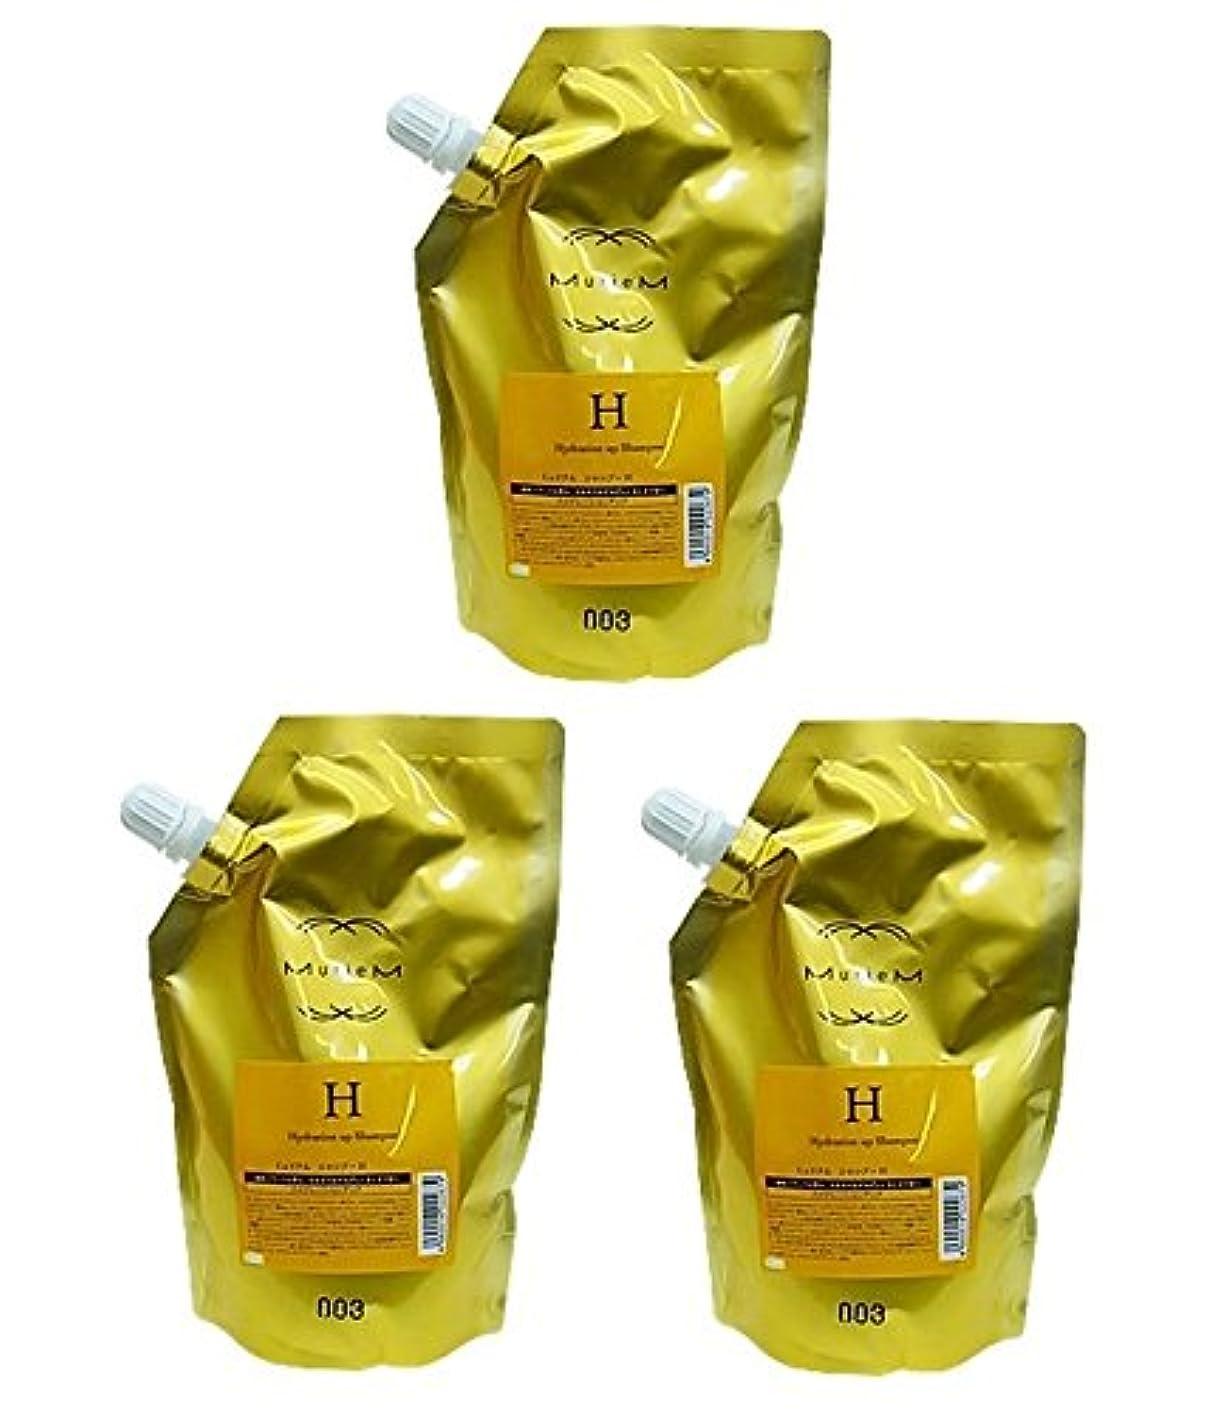 全く期待する塗抹【X3個セット】 ナンバースリー ミュリアム ゴールド シャンプー H 500ml 詰替え用